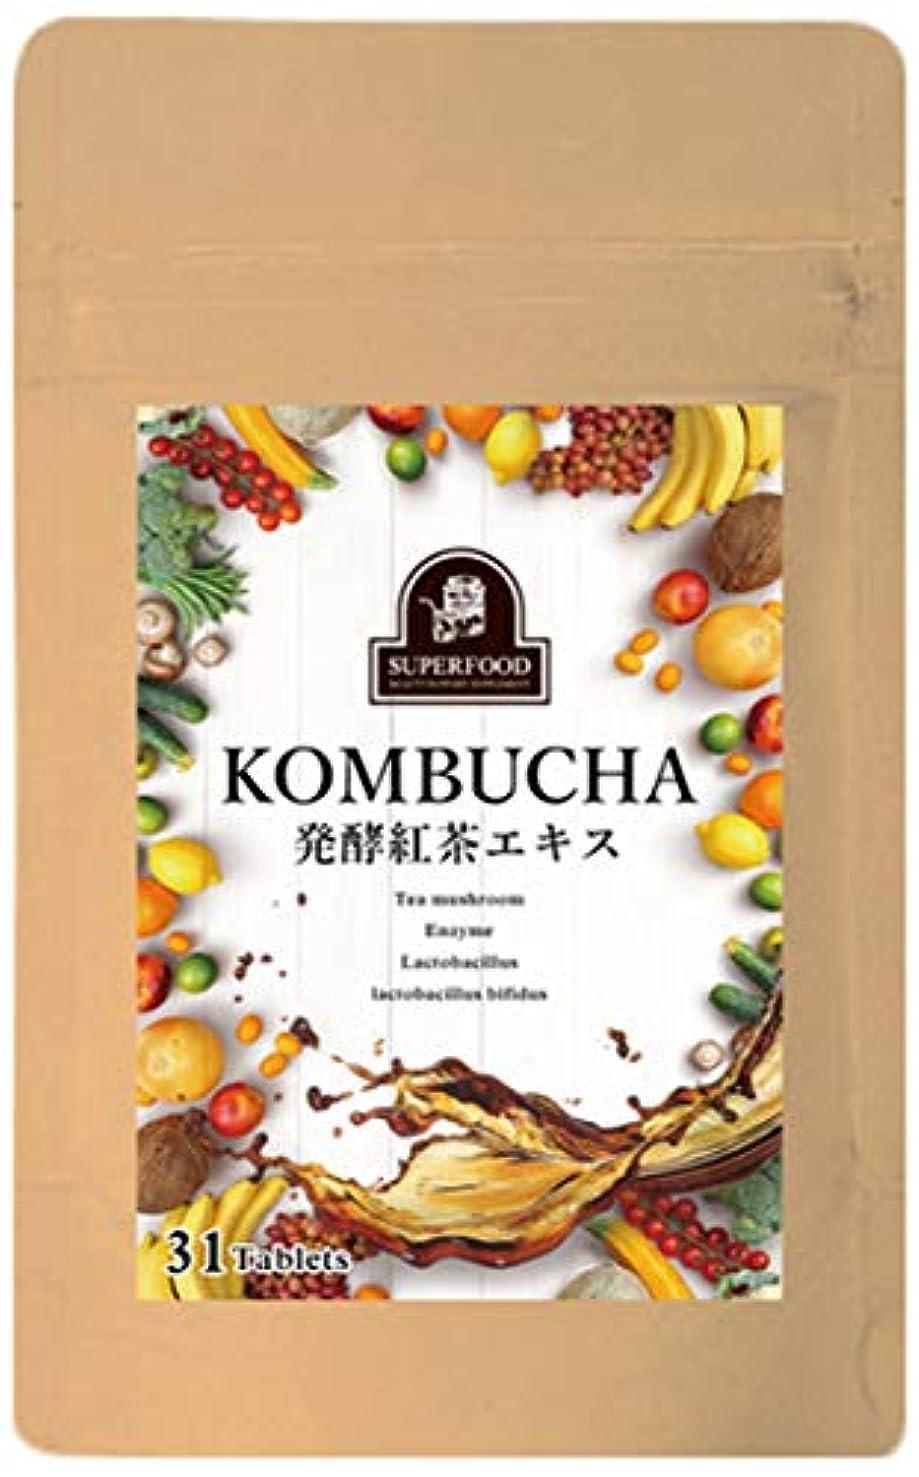 聖職者不適『2個セット』コンブチャ 発酵紅茶エキス (31日分) ダイエット サプリメント 生酵素 生サプリ